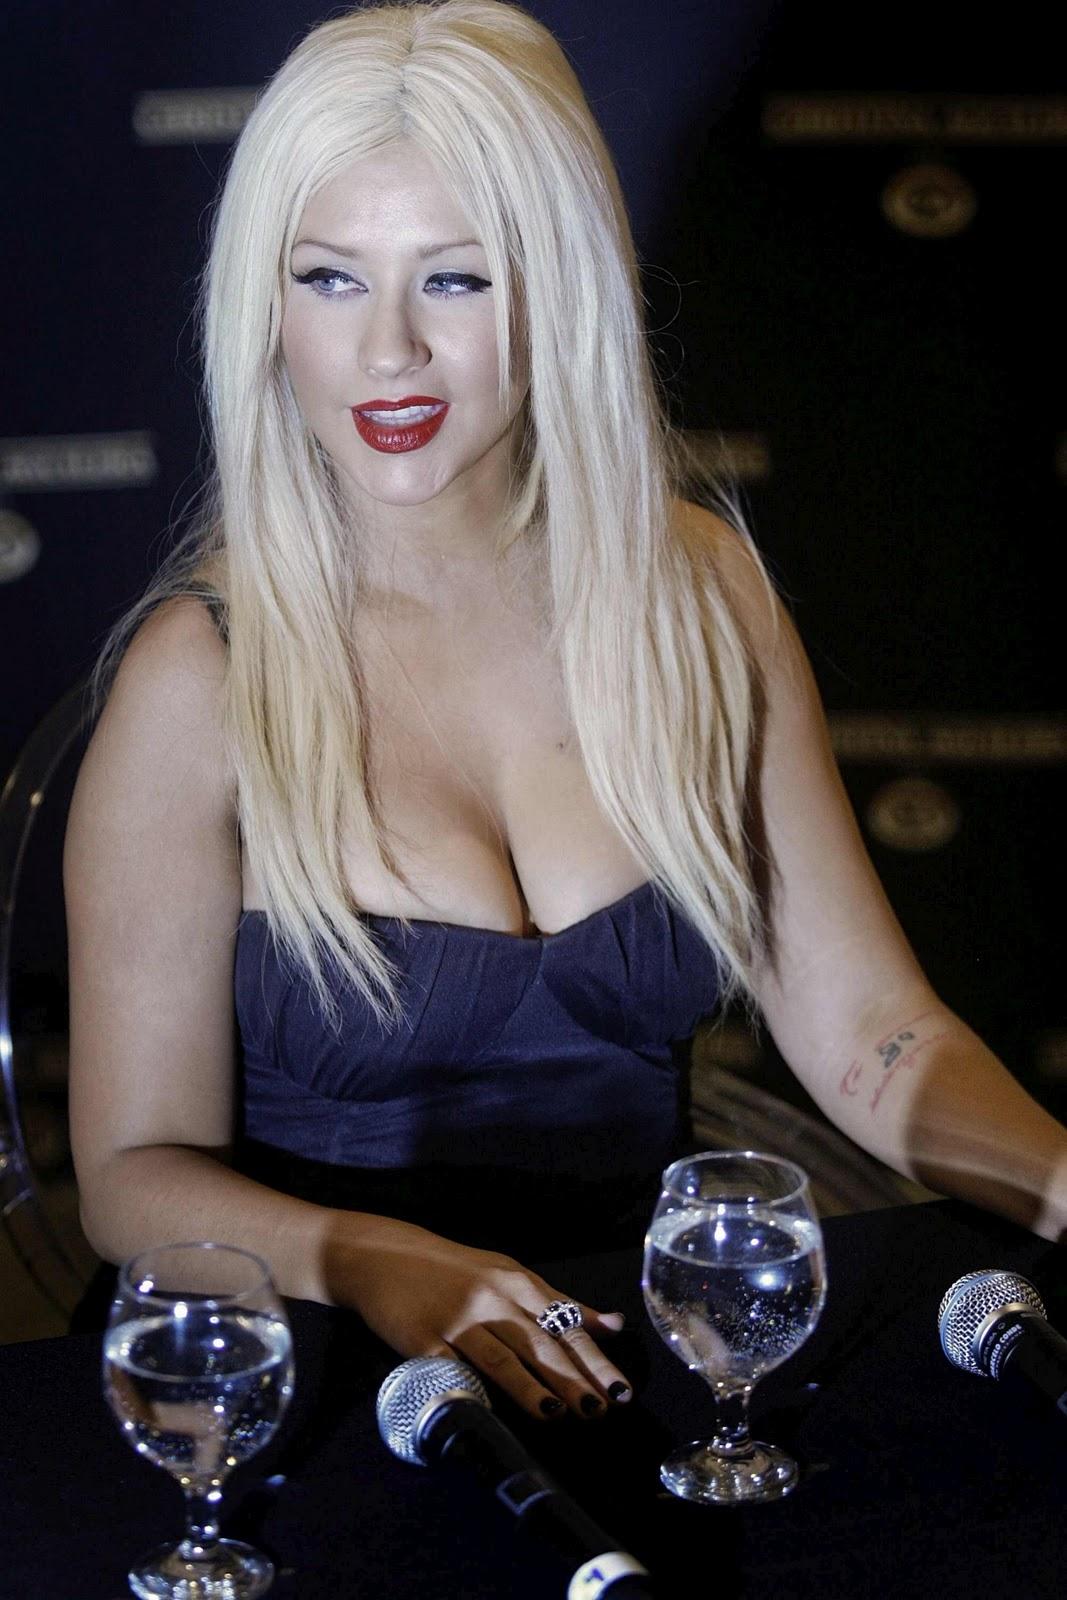 http://2.bp.blogspot.com/-7iHlcnXZKLc/TsuRd1SmIiI/AAAAAAAAA3A/MRIaUR1tO80/s1600/Christina_Aguilera_without_makeup_0009.jpg